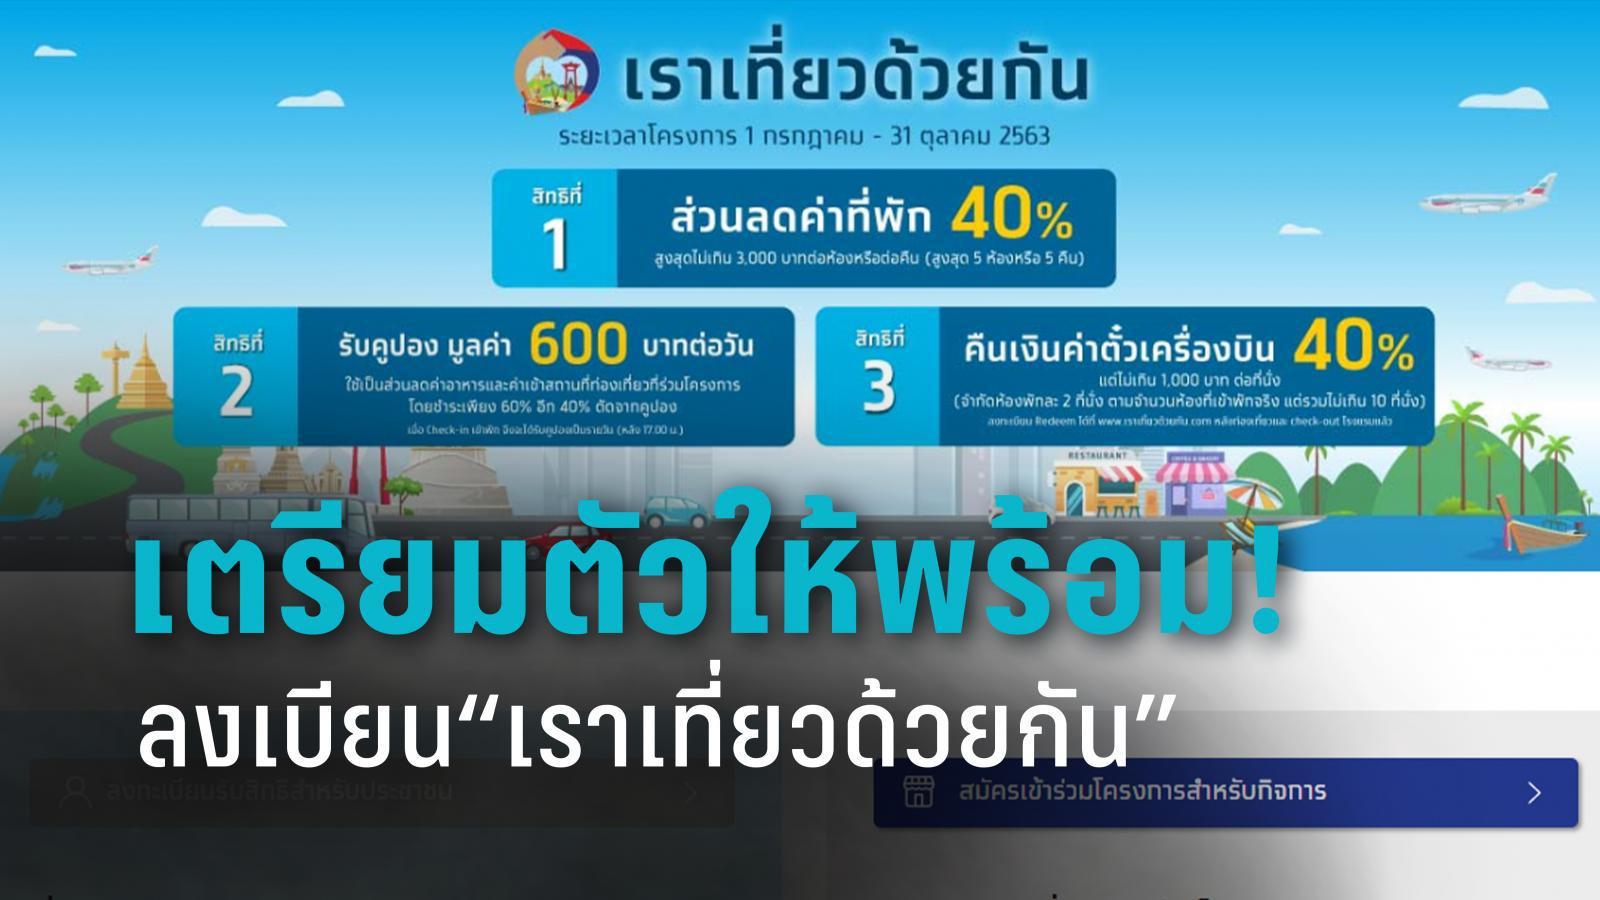 เตรียมพร้อม!! ลงทะเบียน www.เราเที่ยวด้วยกัน.com ช่วยค่าที่พัก-ตั๋วเครื่องบิน